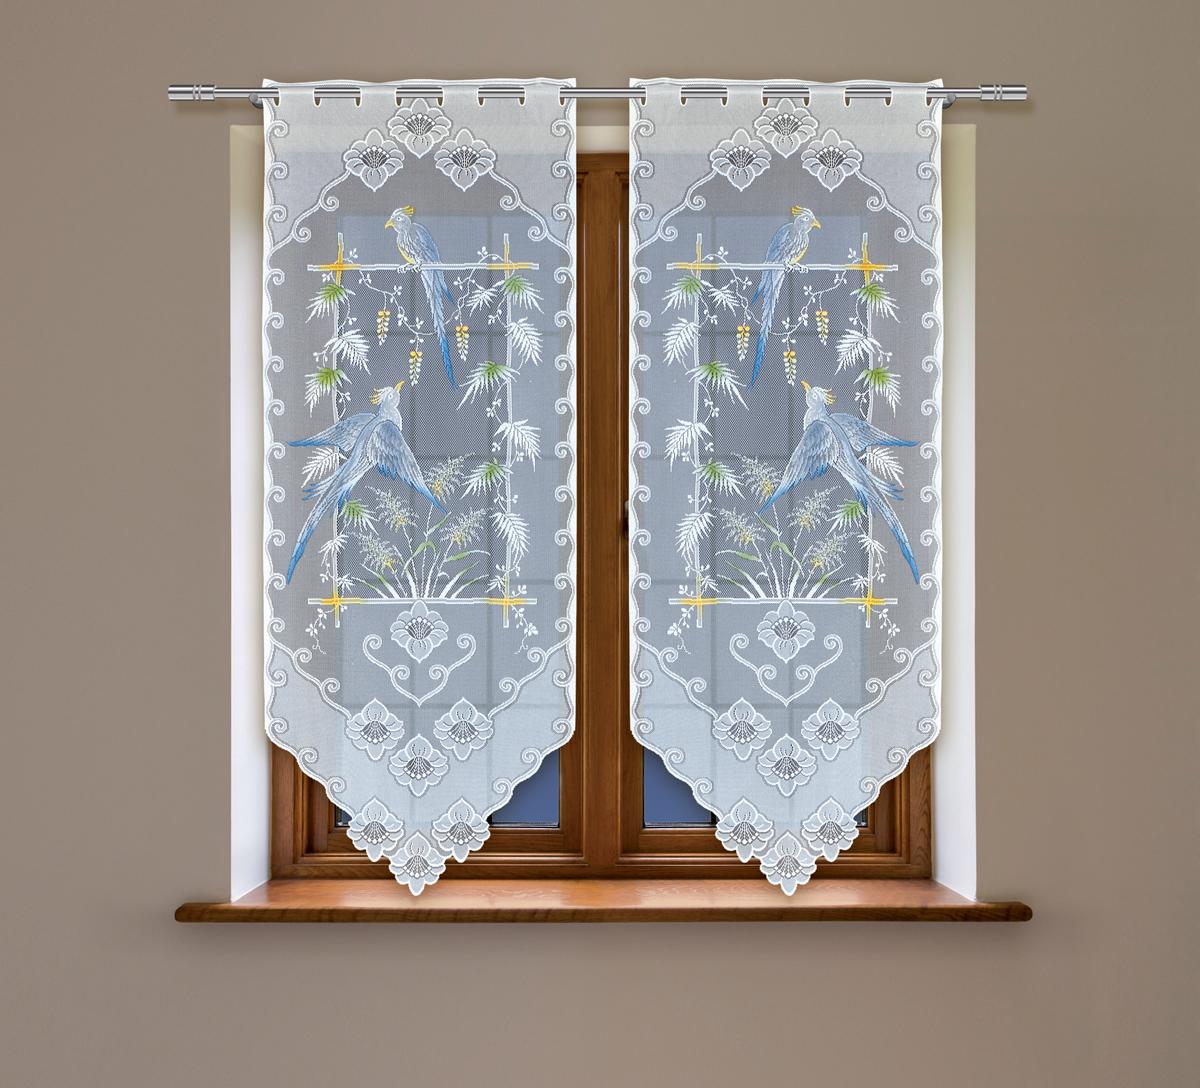 С польскими шторами и тюлем «Haft» легко создать уют в доме. Все изделия «Haft» отличаются высоким качеством и прослужат не один год.  Привнесите элемент благородства в интерьер вместе с «Haft».